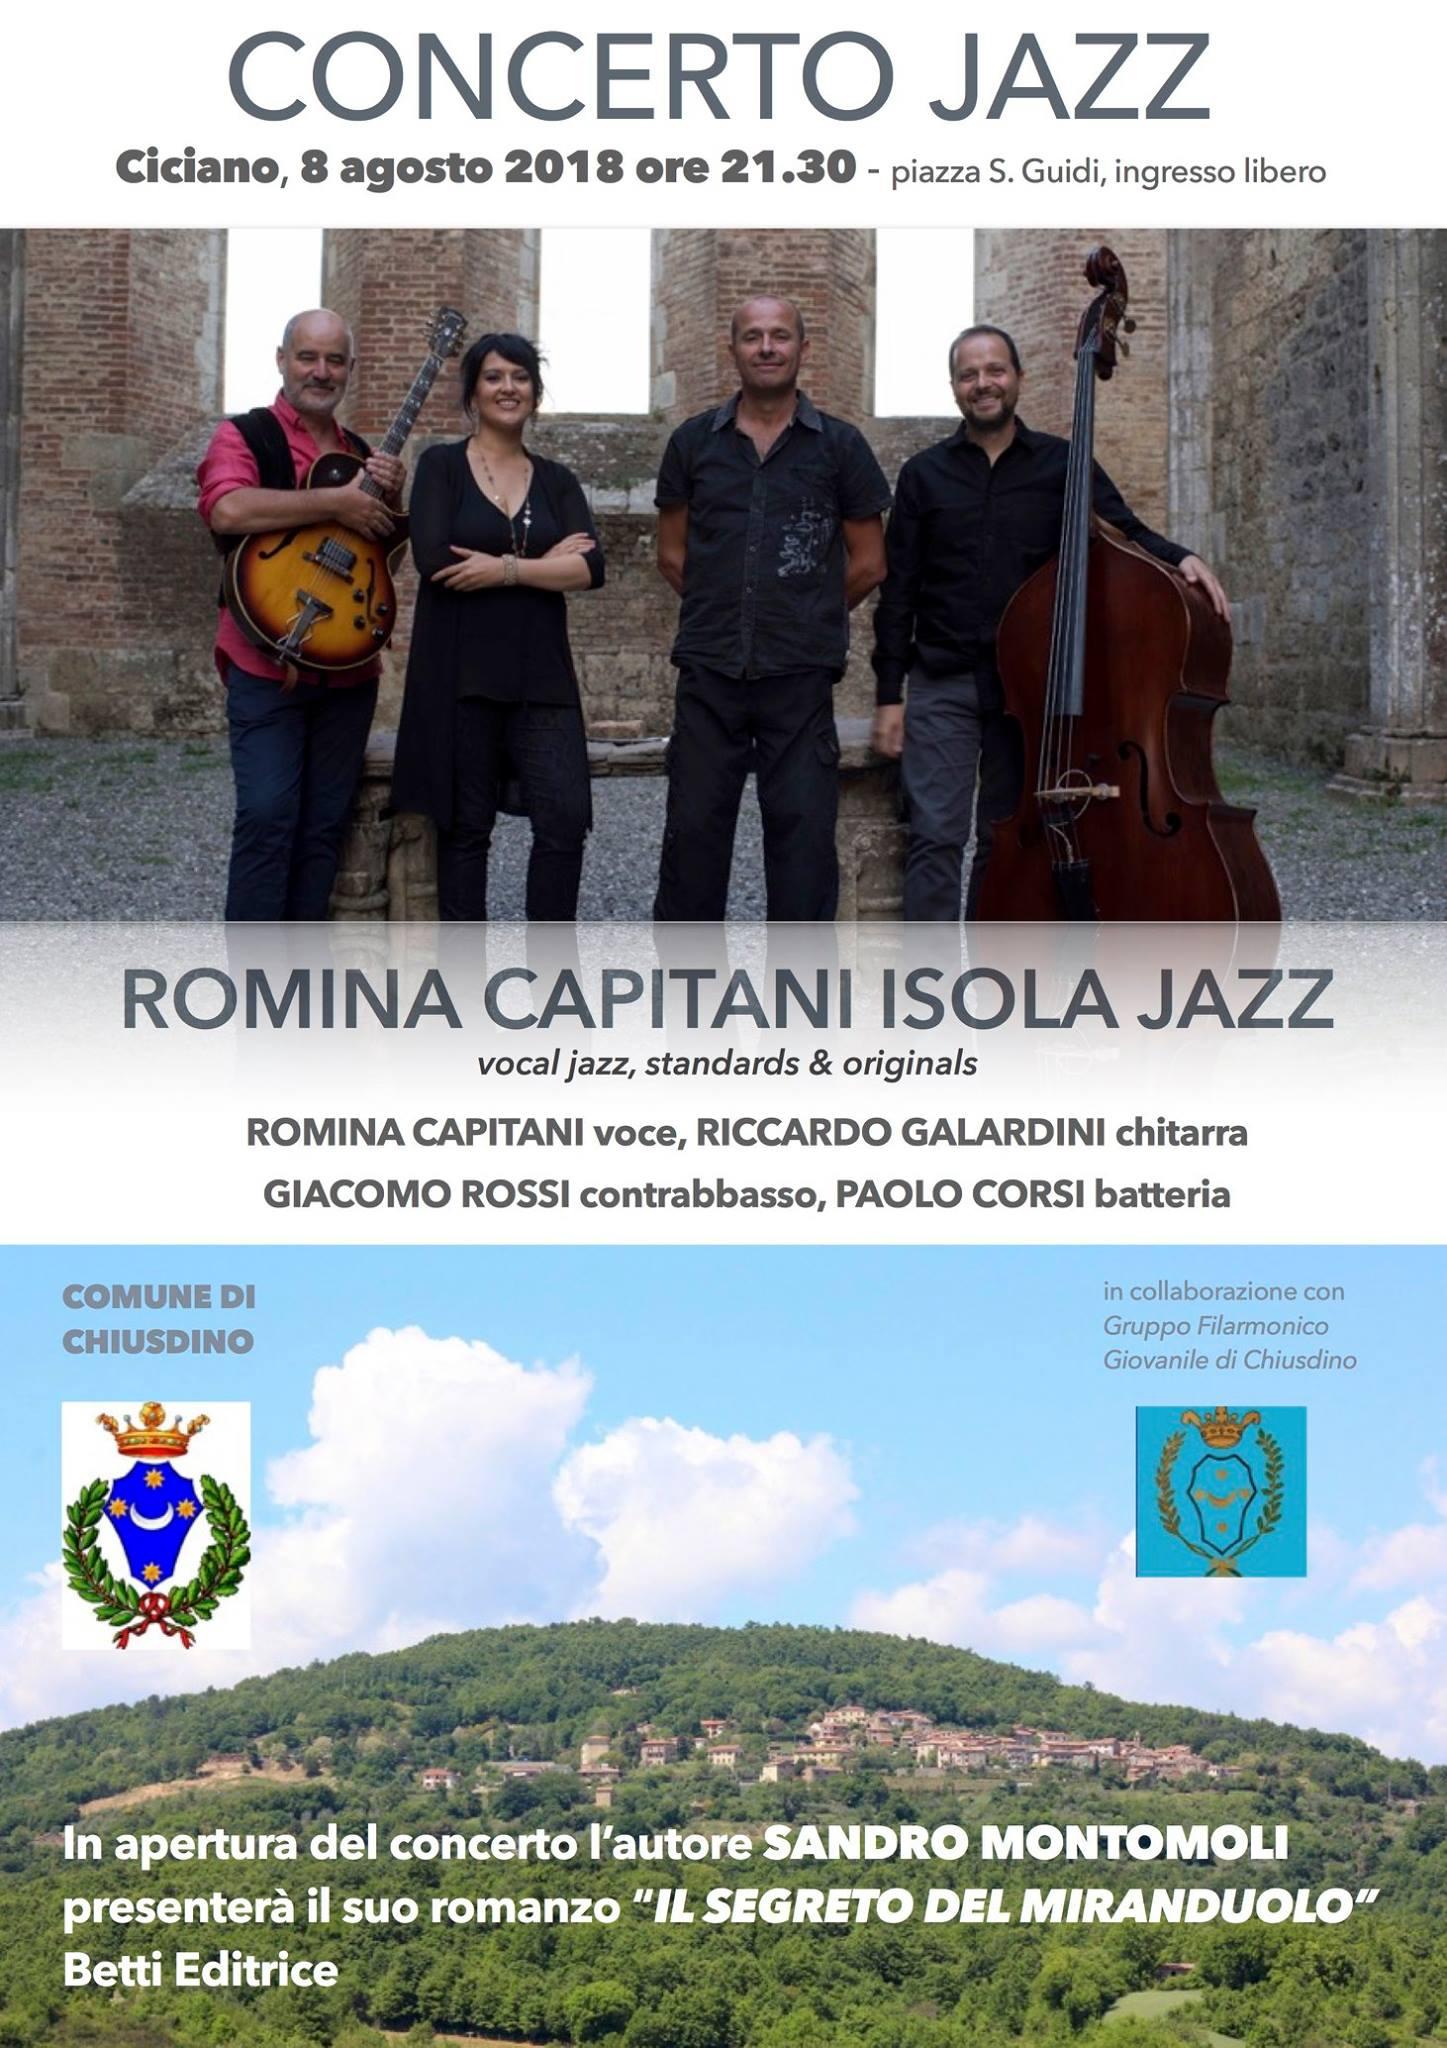 isola-jazz-ciciano